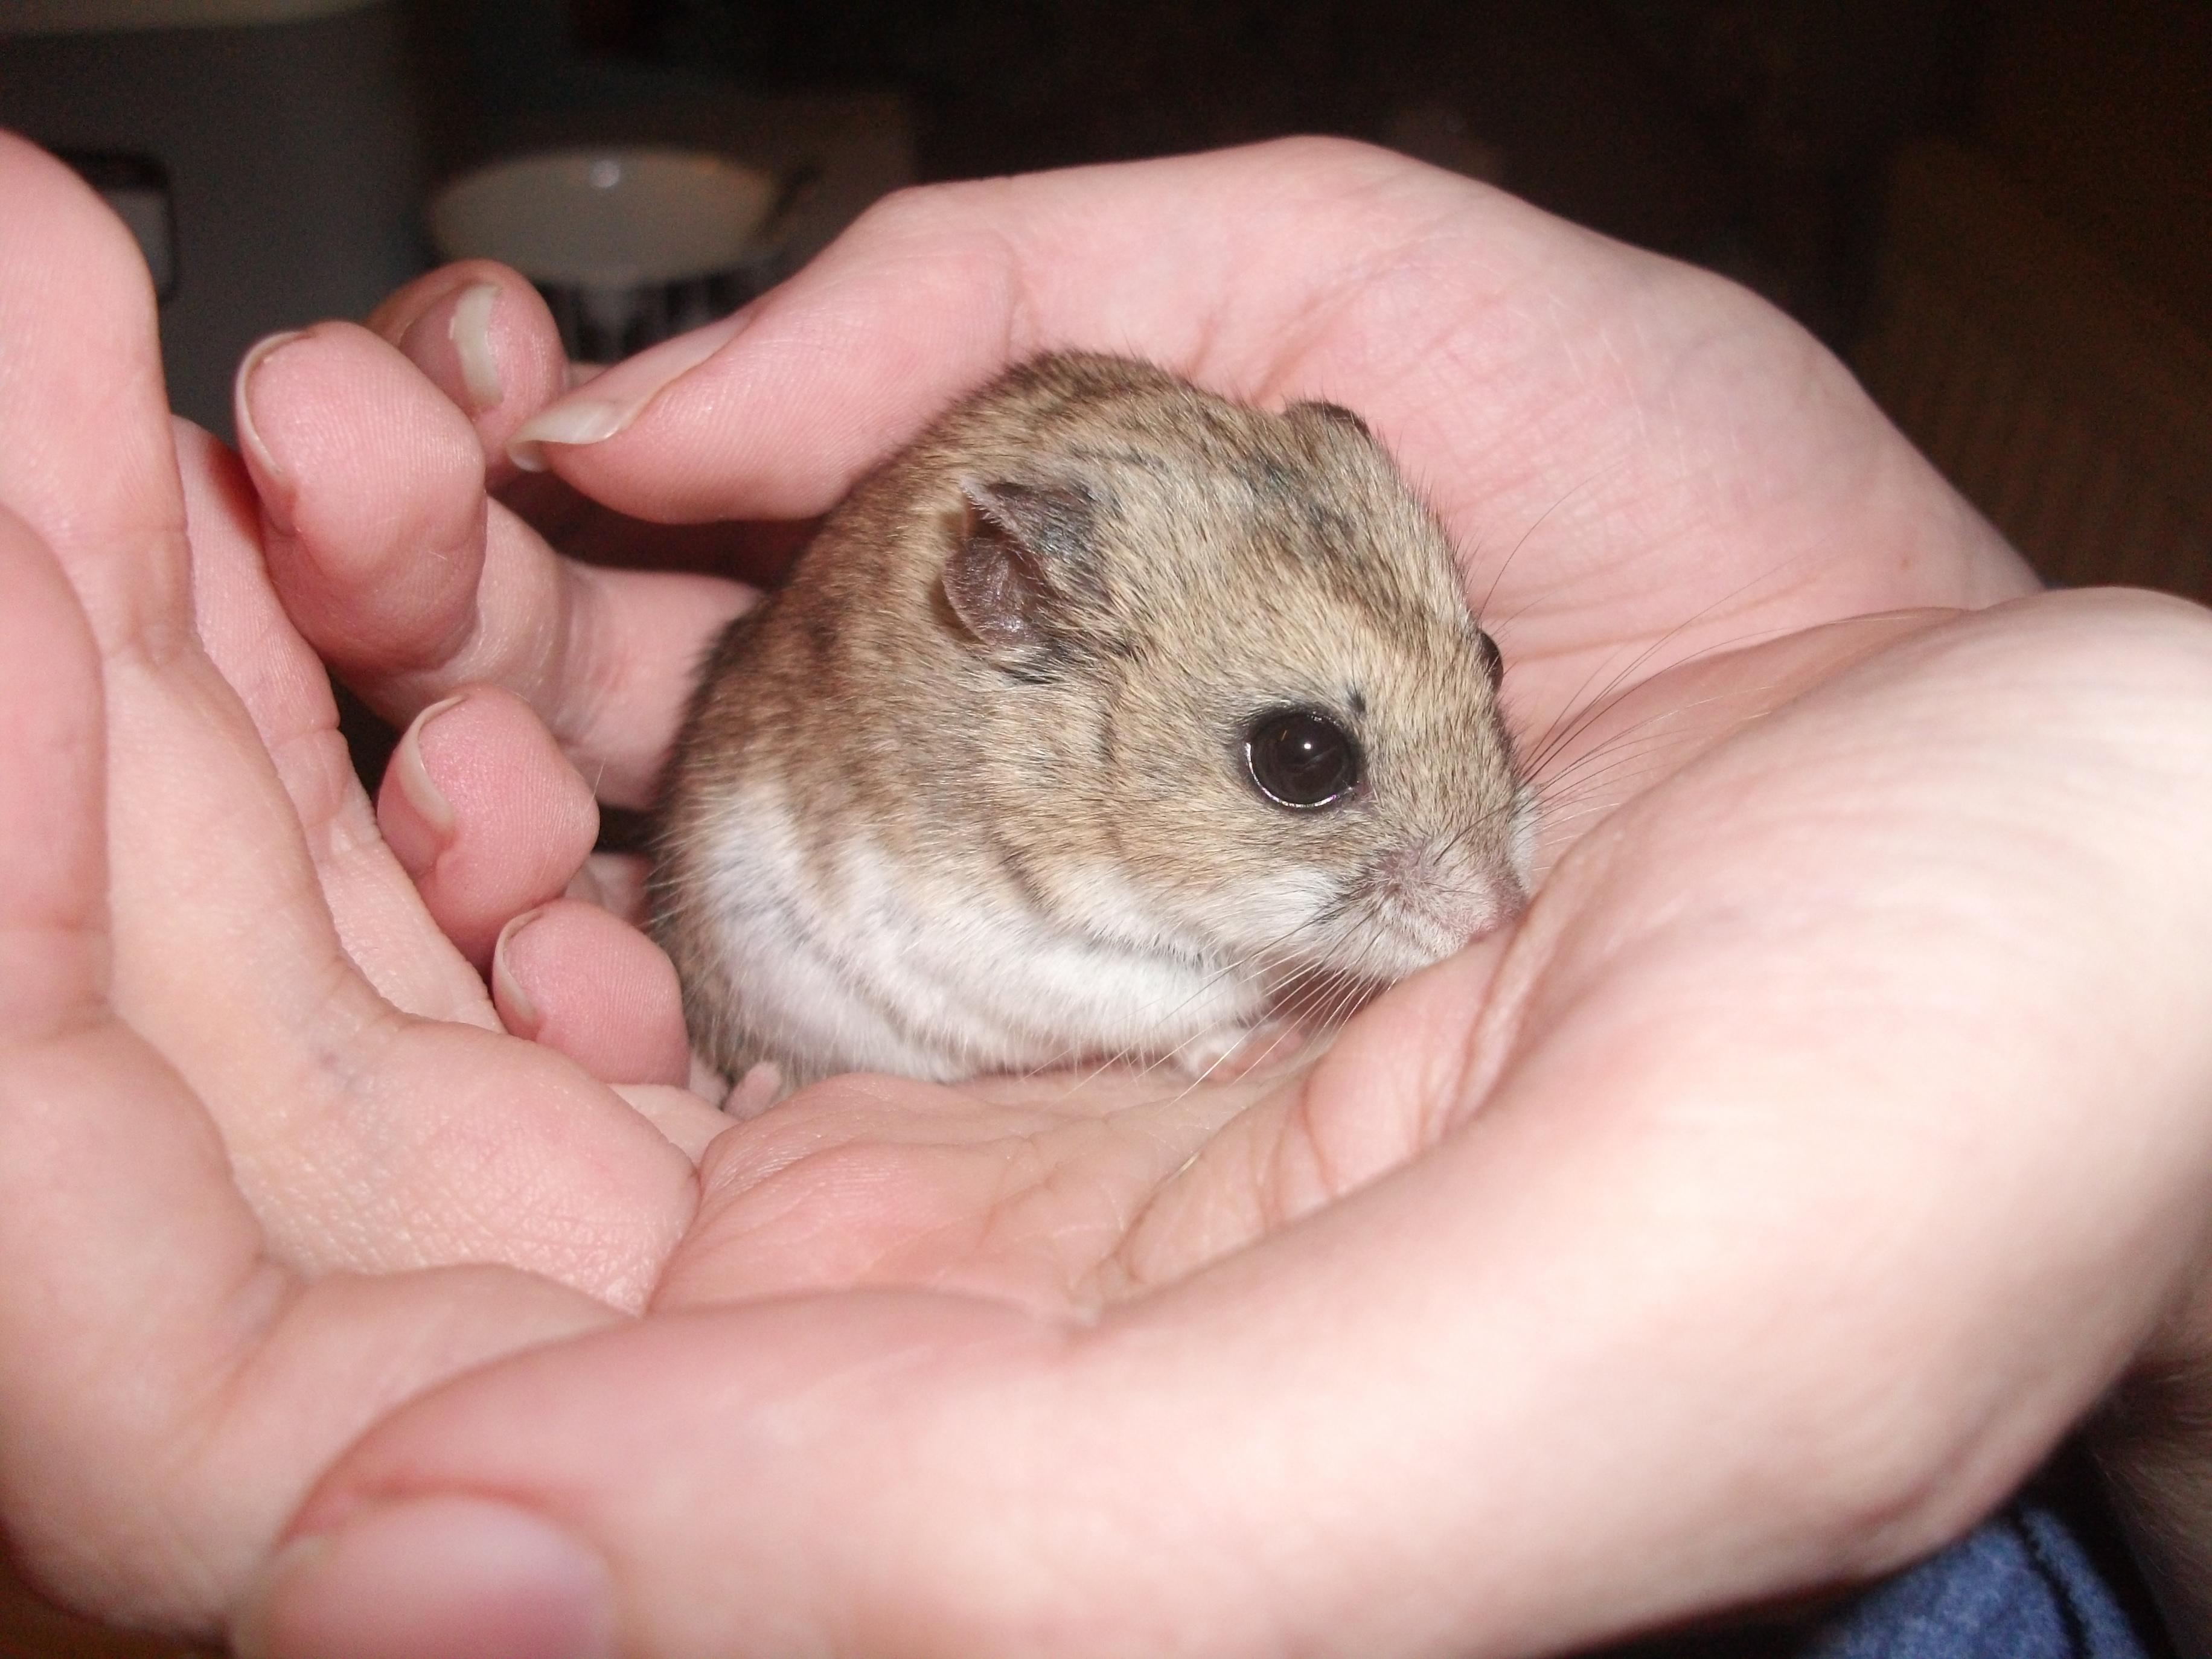 Adult dwarf hamster smut video